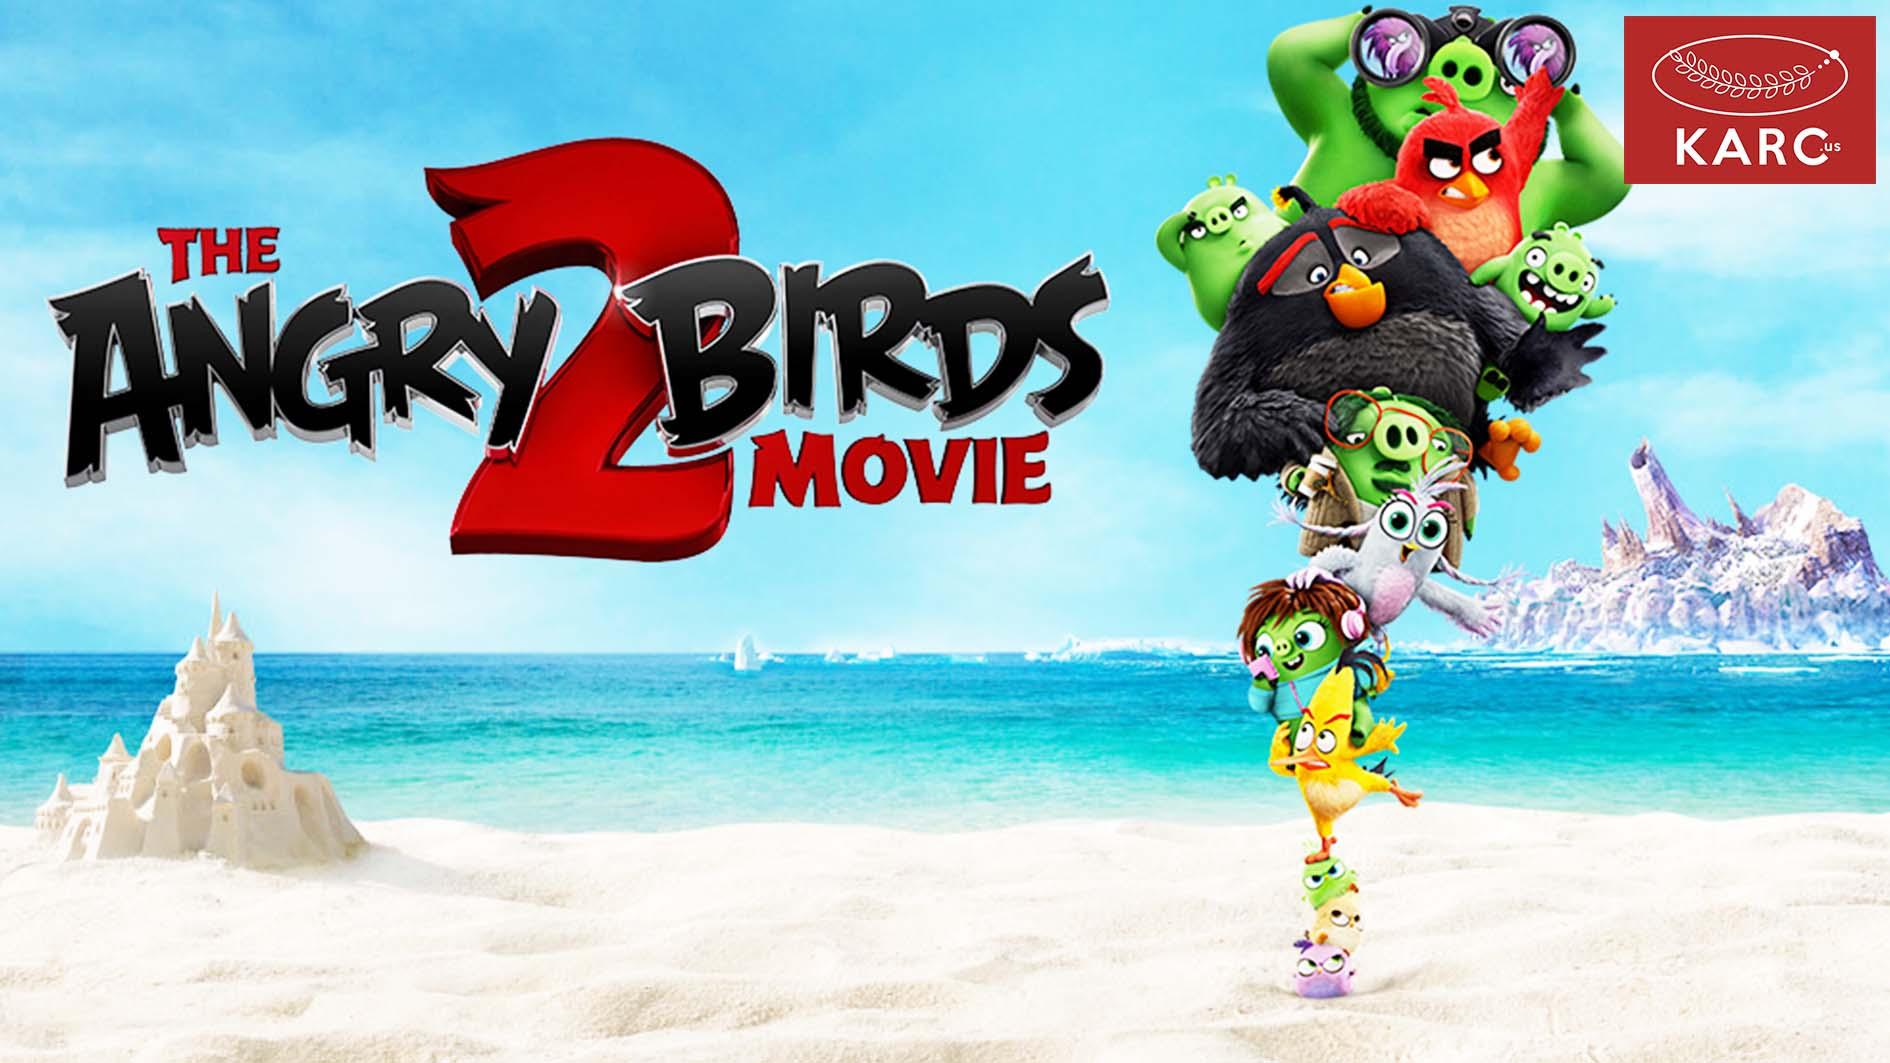 รีวิว The Angry Birds Movie 2 การกลับมาของการระเบิดความโกรธของนกสุดหัวร้อน karc.us , วงการภาพยนต์ , แนะนำหนังดี , แนะนำหนังน่าดูหนังน่าดู , รีวิวหนังใหม่ , ก่อนตายต้องได้ดู! , ข่าวดารา , ข่าวเด่นประเด็นร้อน , รีวิวหนังใหม่ , หนังดังในอดีต